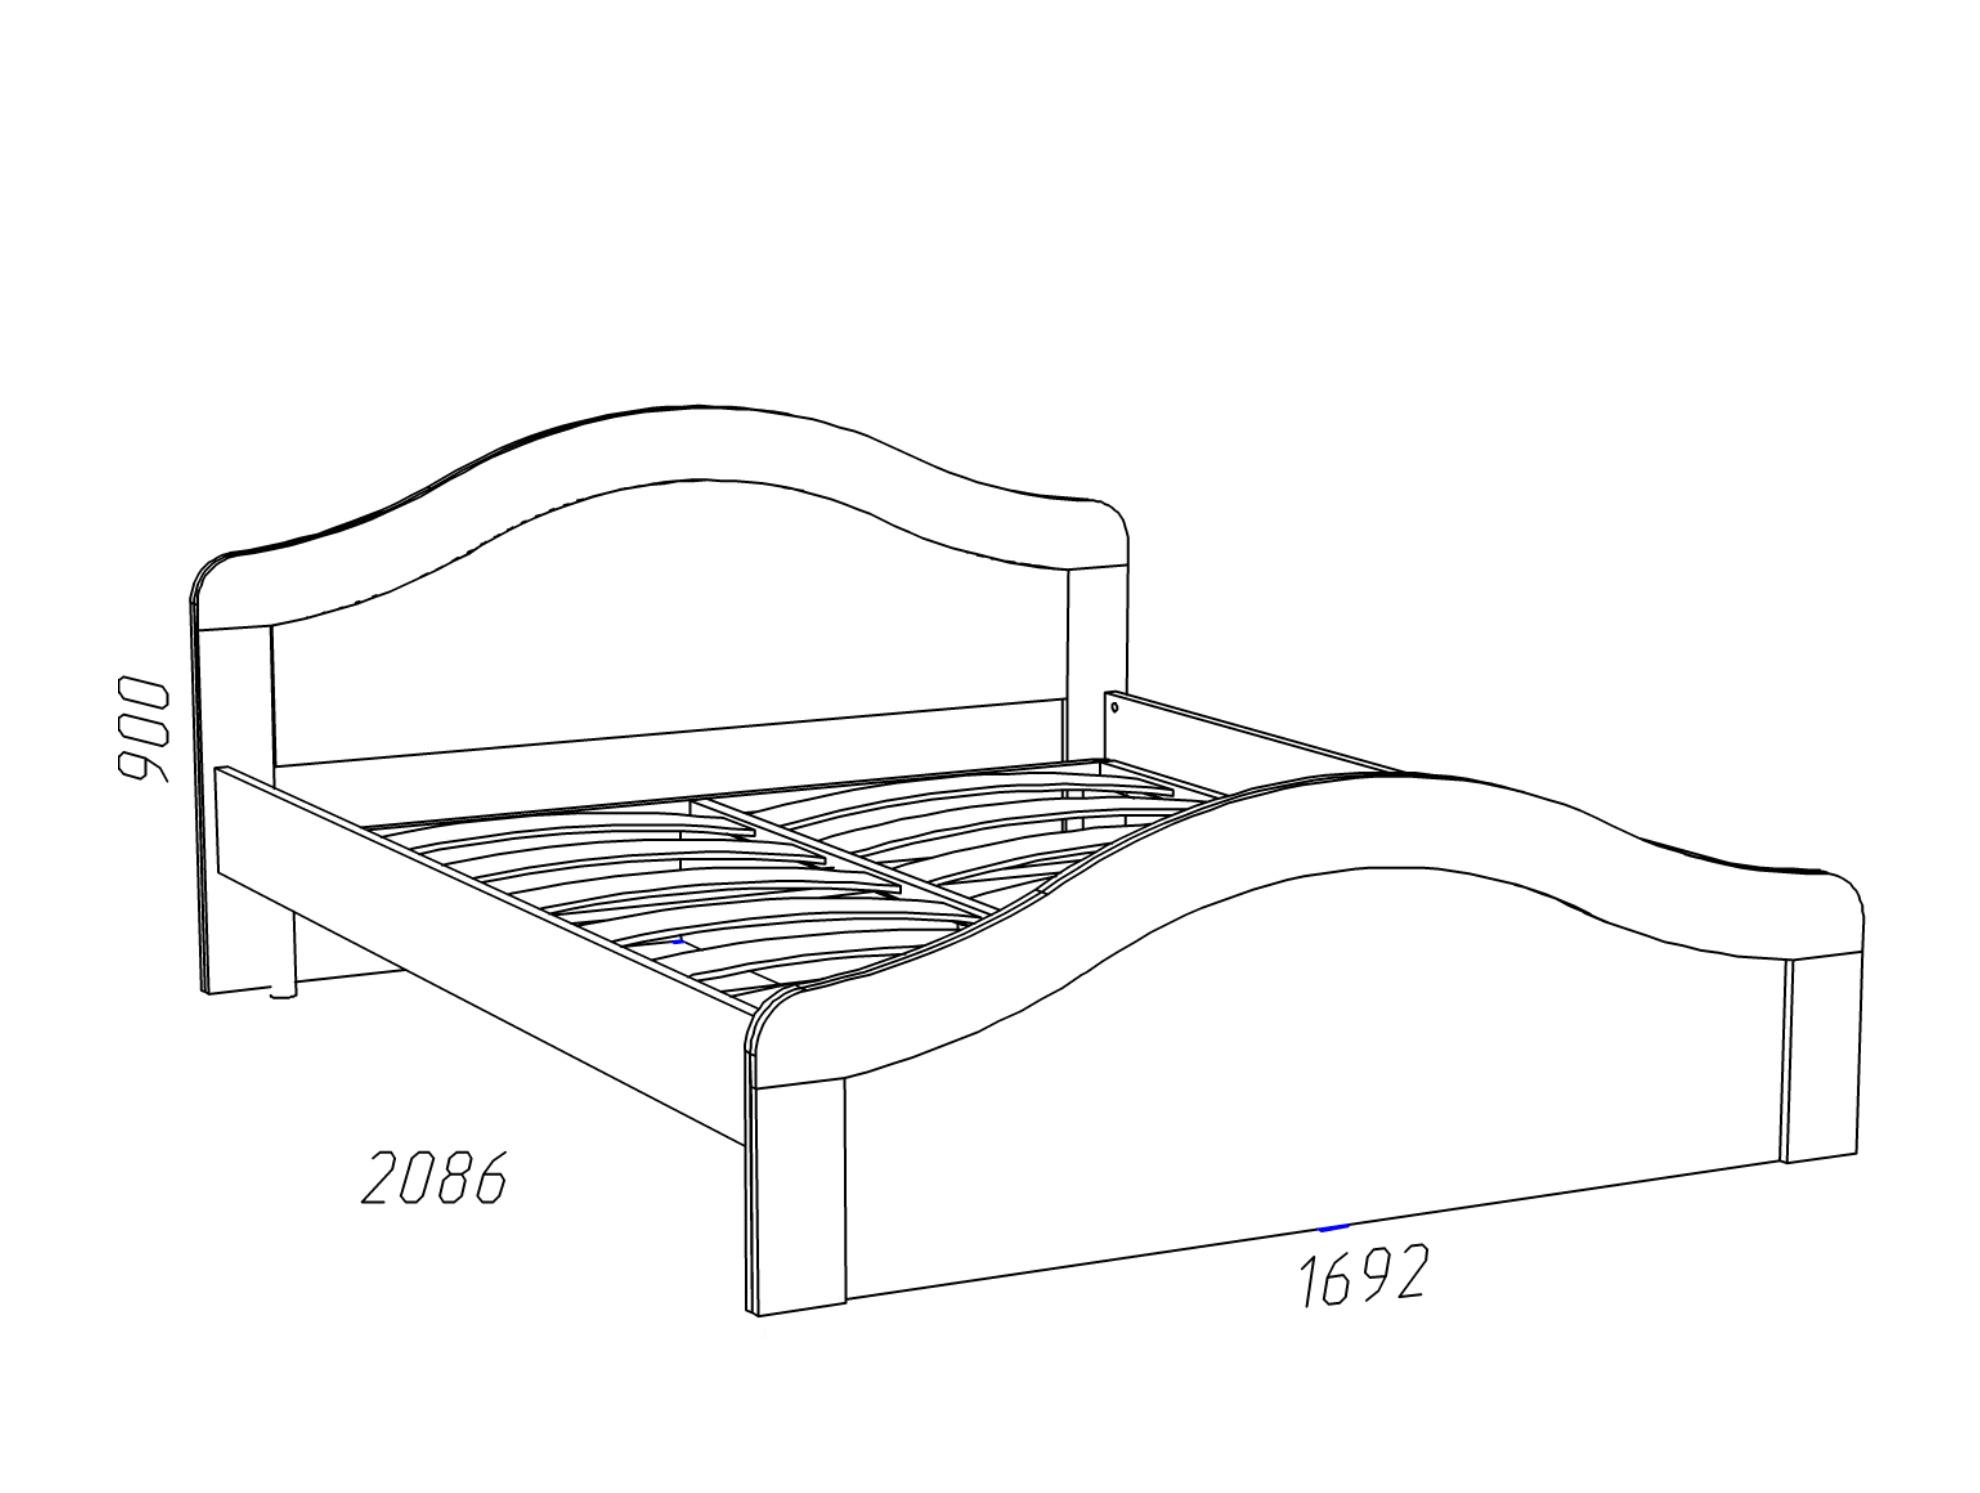 Детские кровати - изображение №2 на mebelny95.ru